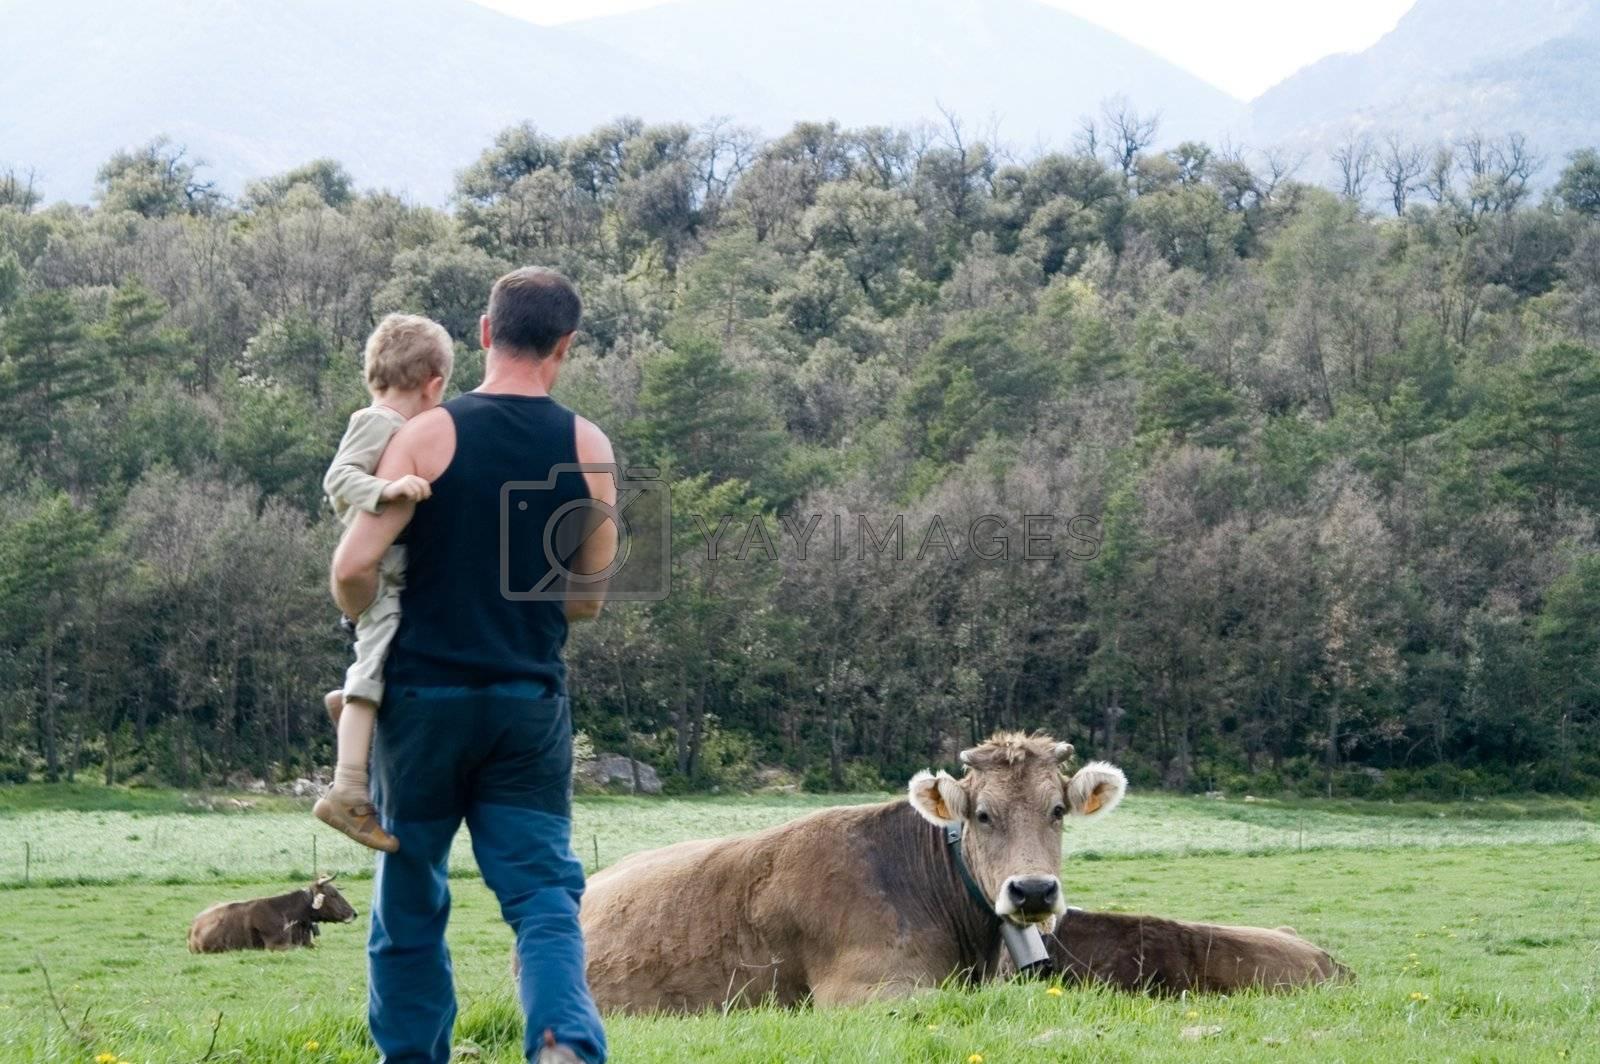 Cow in freedoom in a field